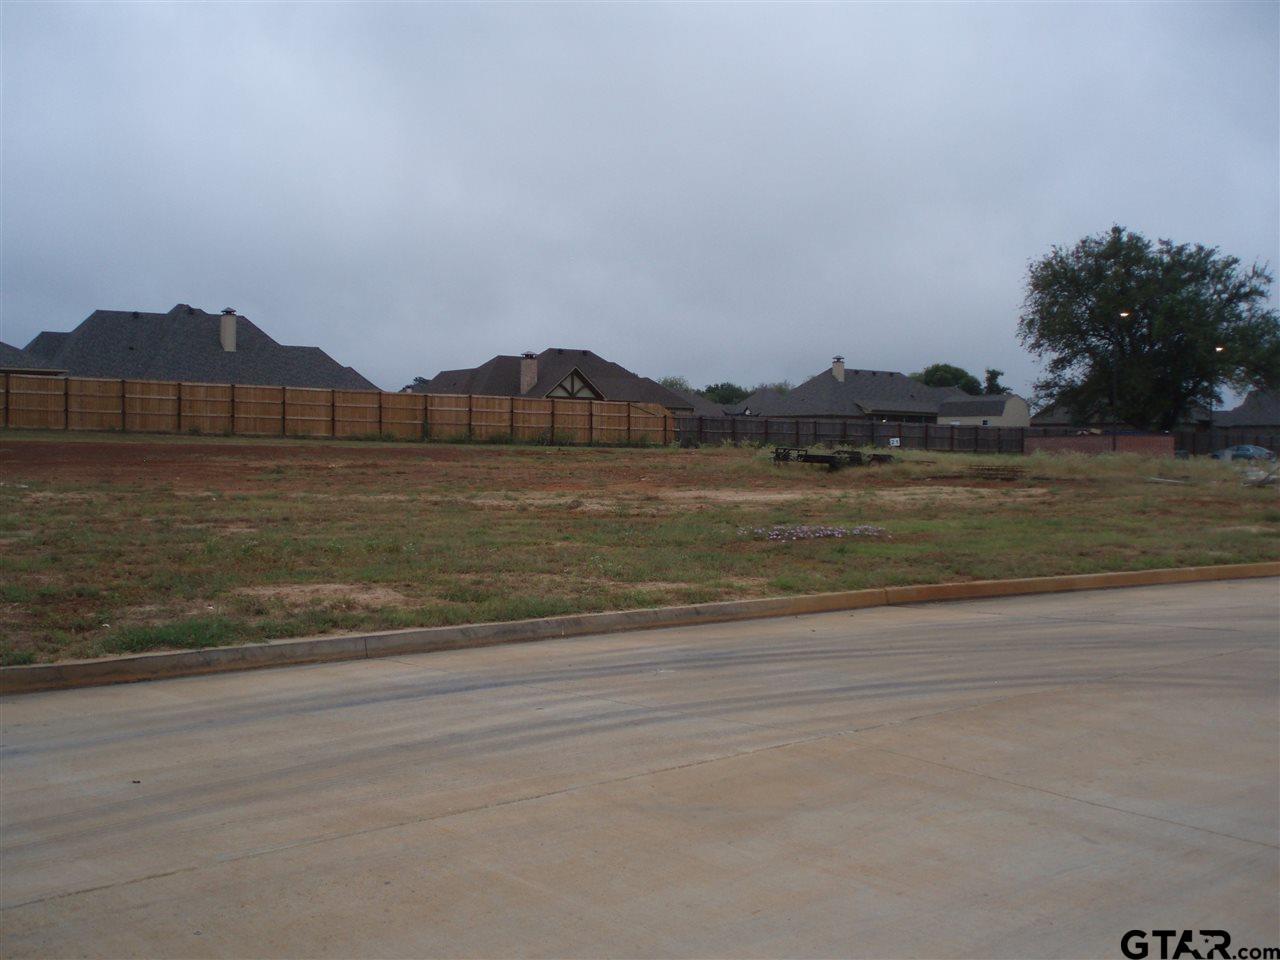 002 S Doctor M Roper Parkway (us Hwy 69), Bullard TX 75757 - Photo 2